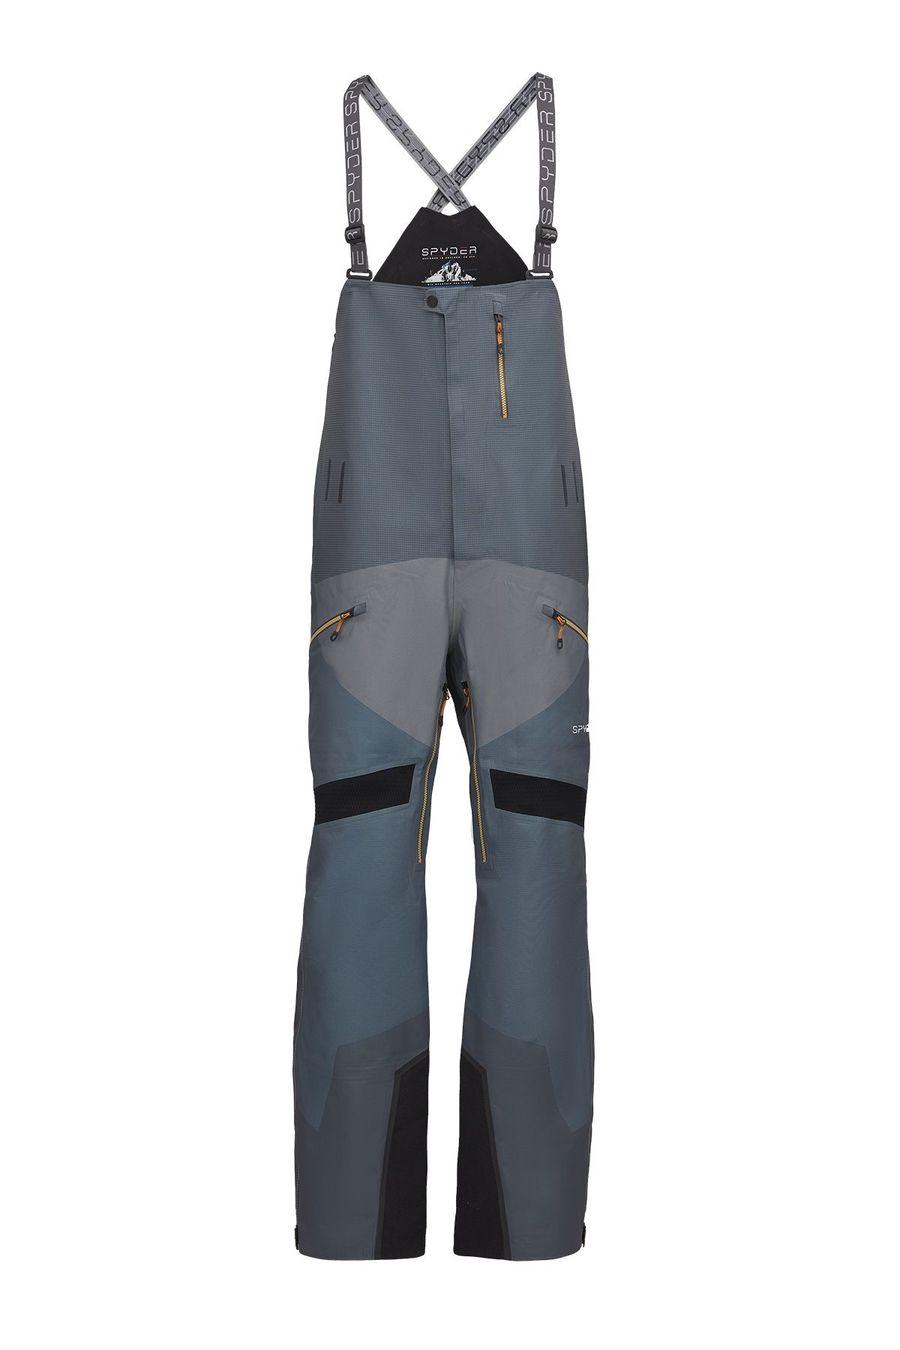 Pantalone Spyder